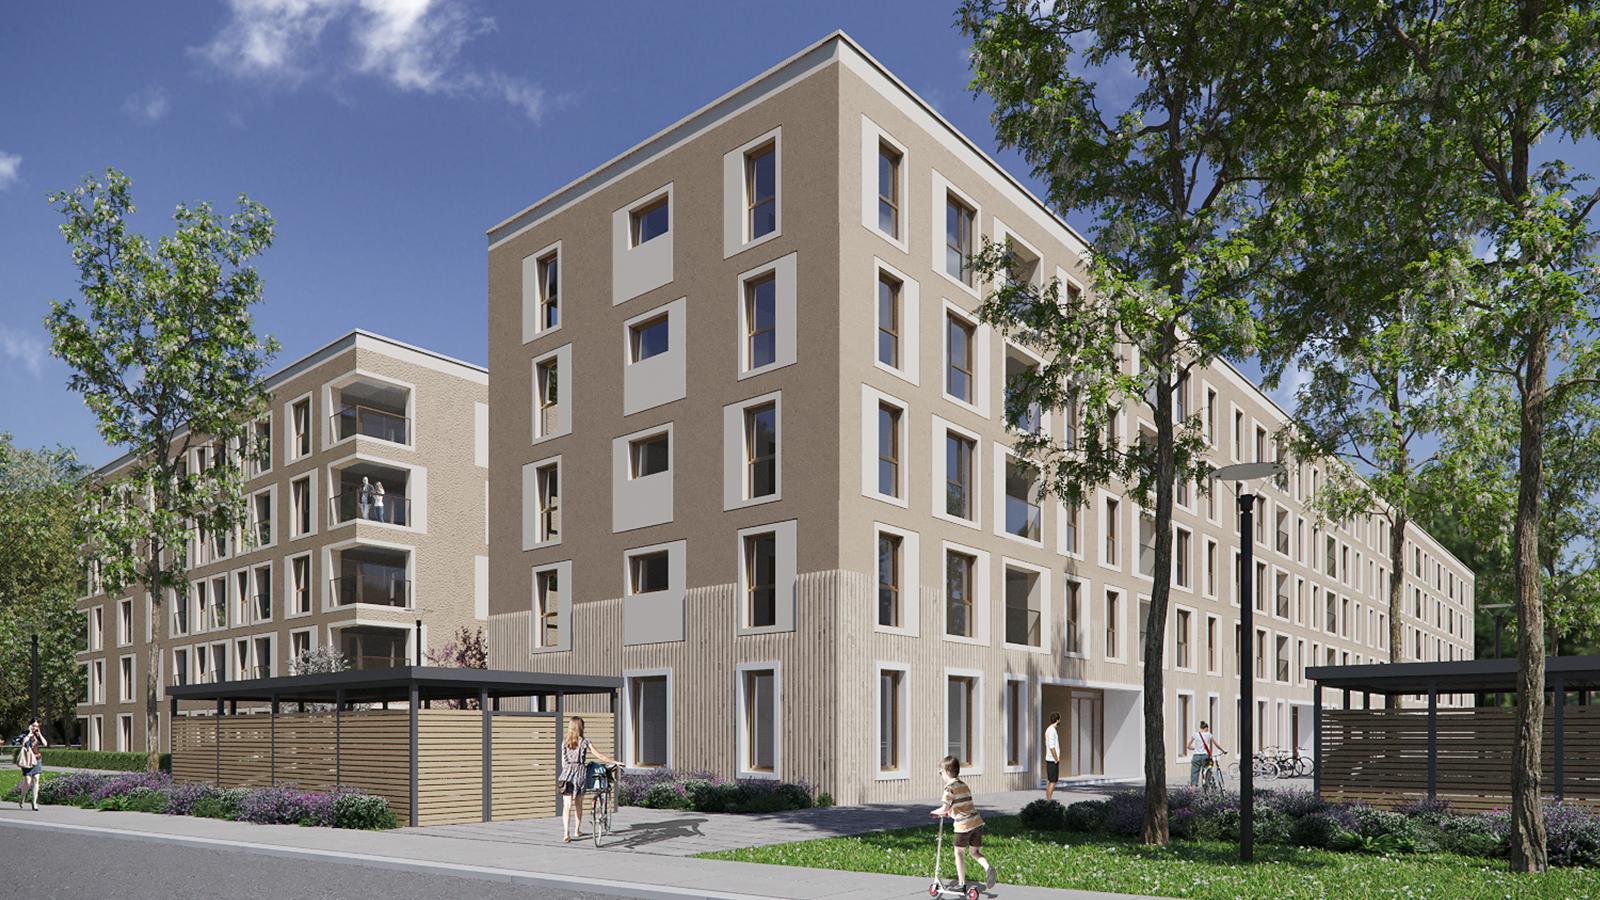 h2m-architekten-jaminpark-erlangen-WA1-perspektive-sued-ost